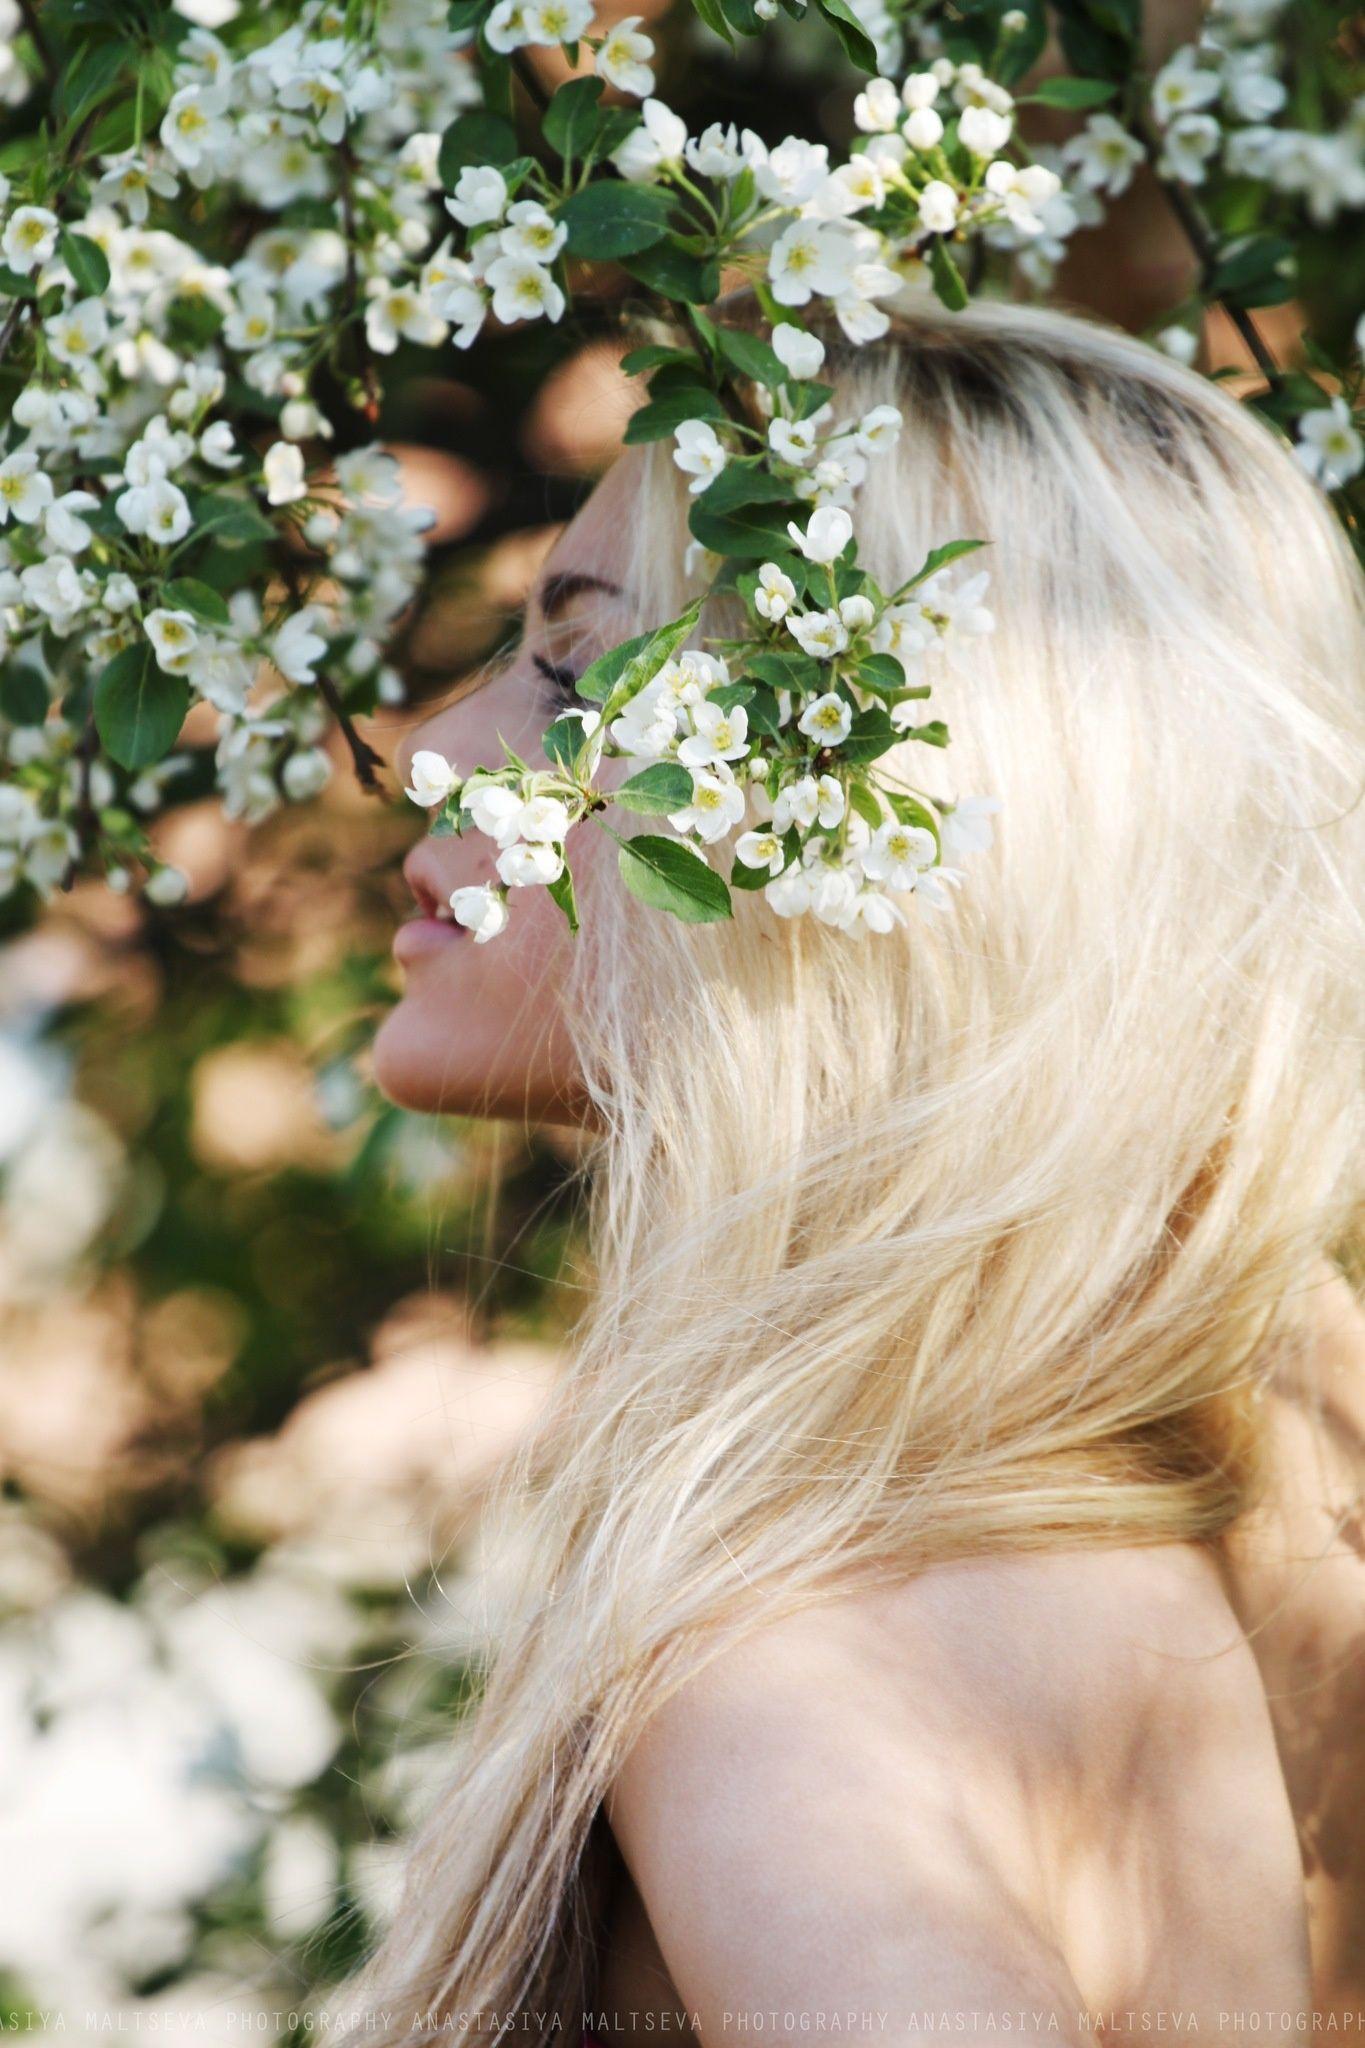 Картинки блондинки со спины с цветами